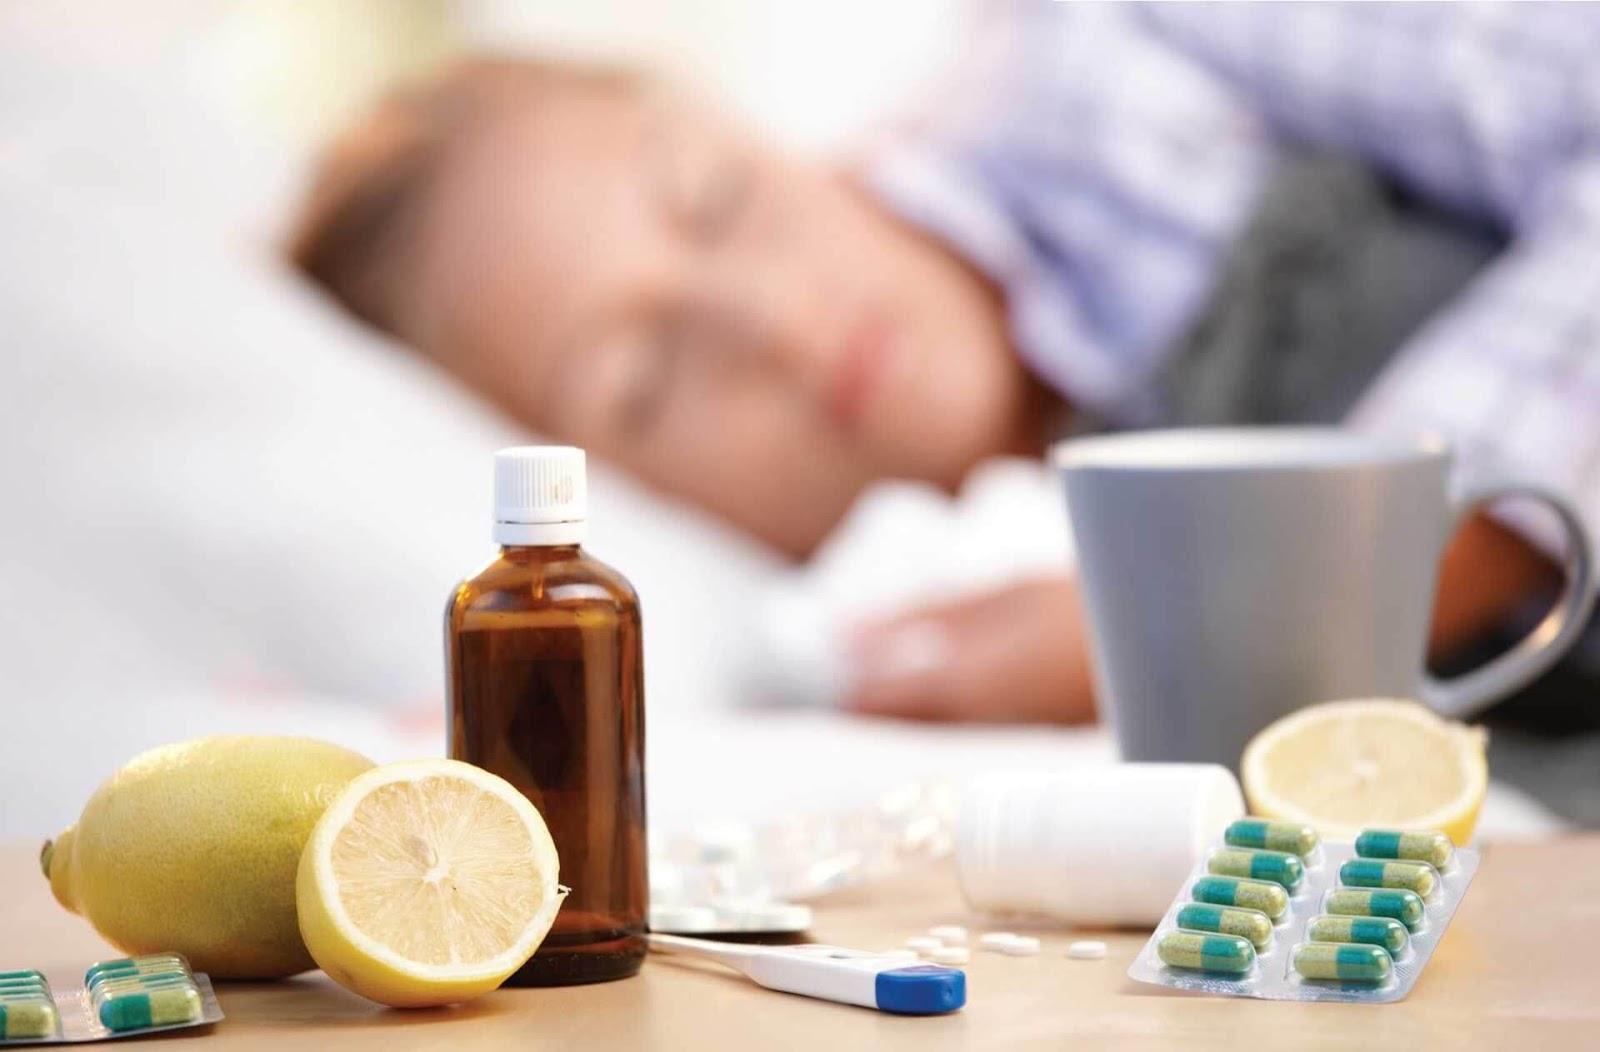 Grippe : symptômes, traitement, remèdes, contagion, comment soigner